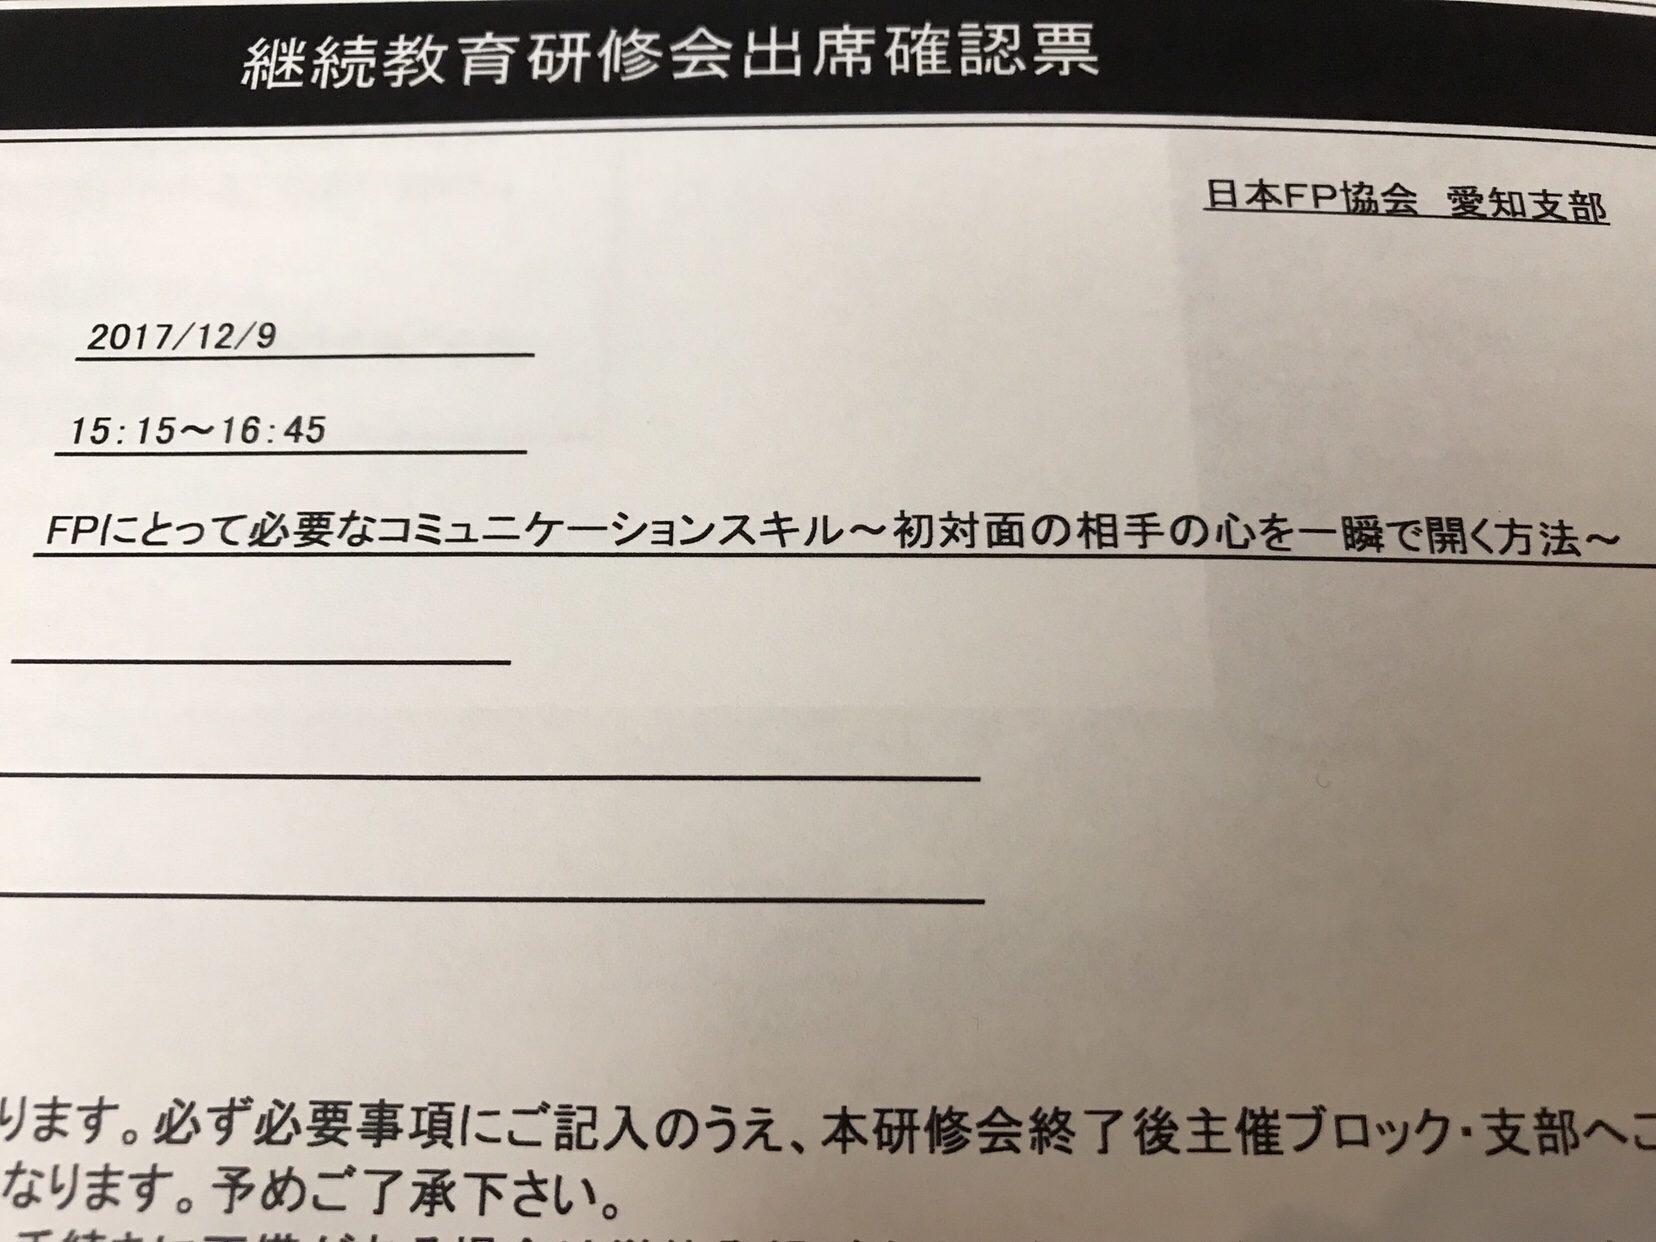 ファイナンシャルプランナー継続教育研修会